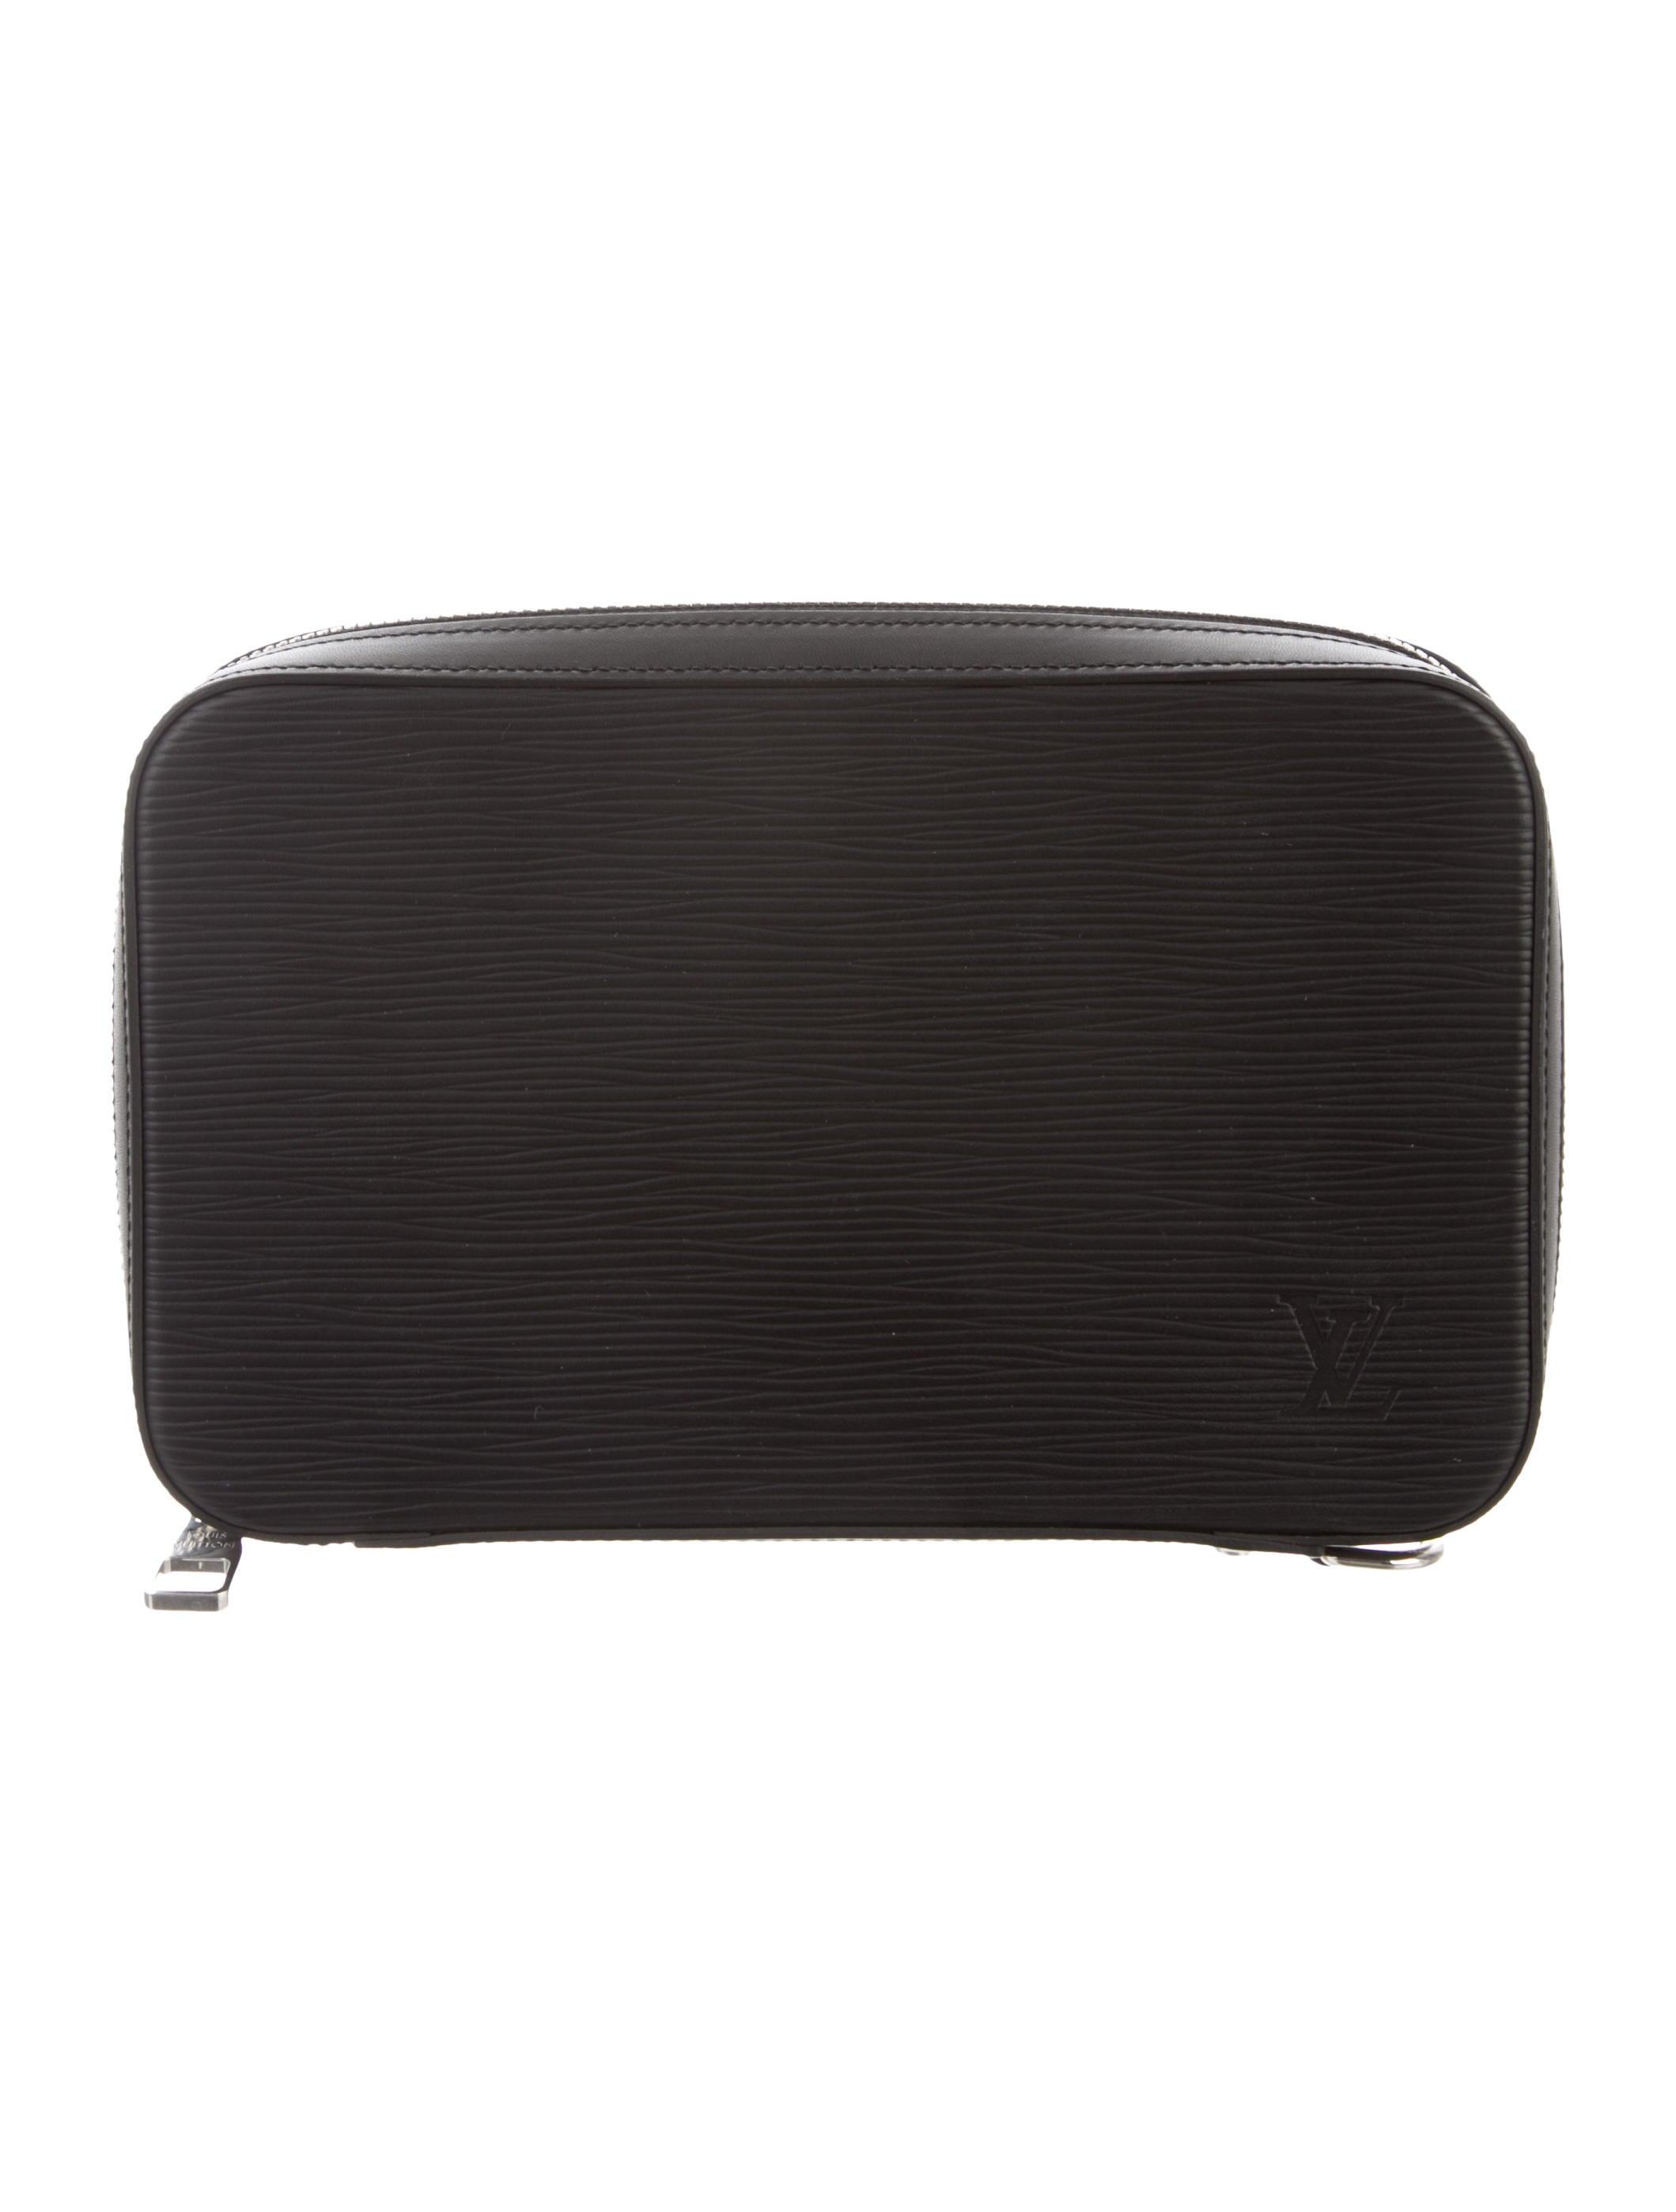 6cc978fec486 Louis Vuitton 2017 Epi Dandy Wallet - Accessories - LOU205424